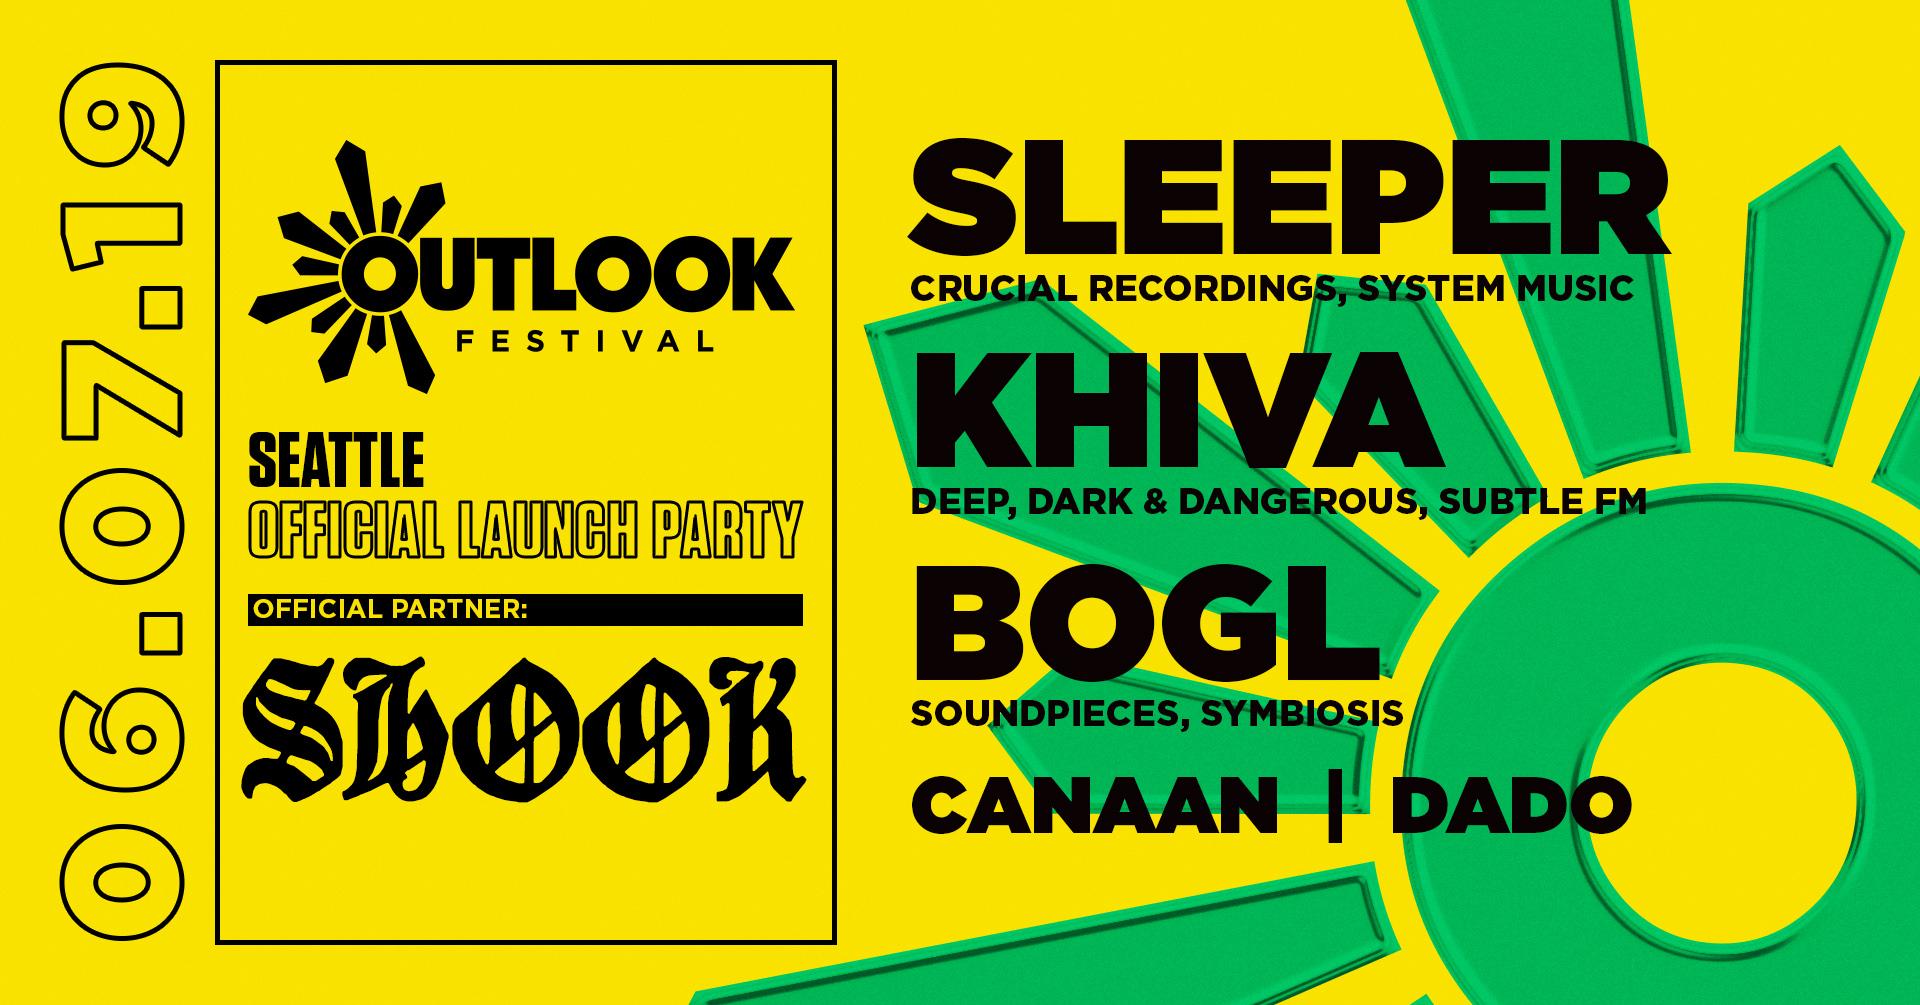 Shook Commodo Khiva - Event Banner (3).jpg